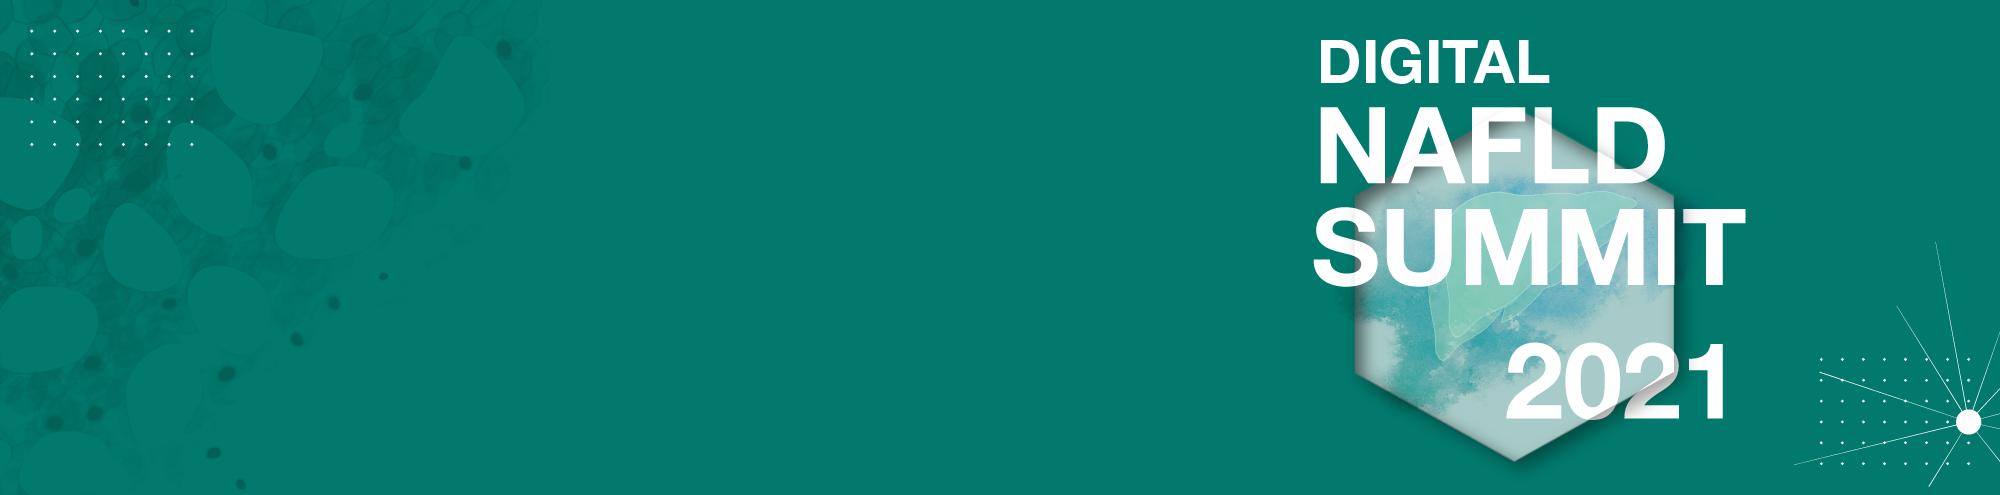 Digital NAFLD Summit 2021